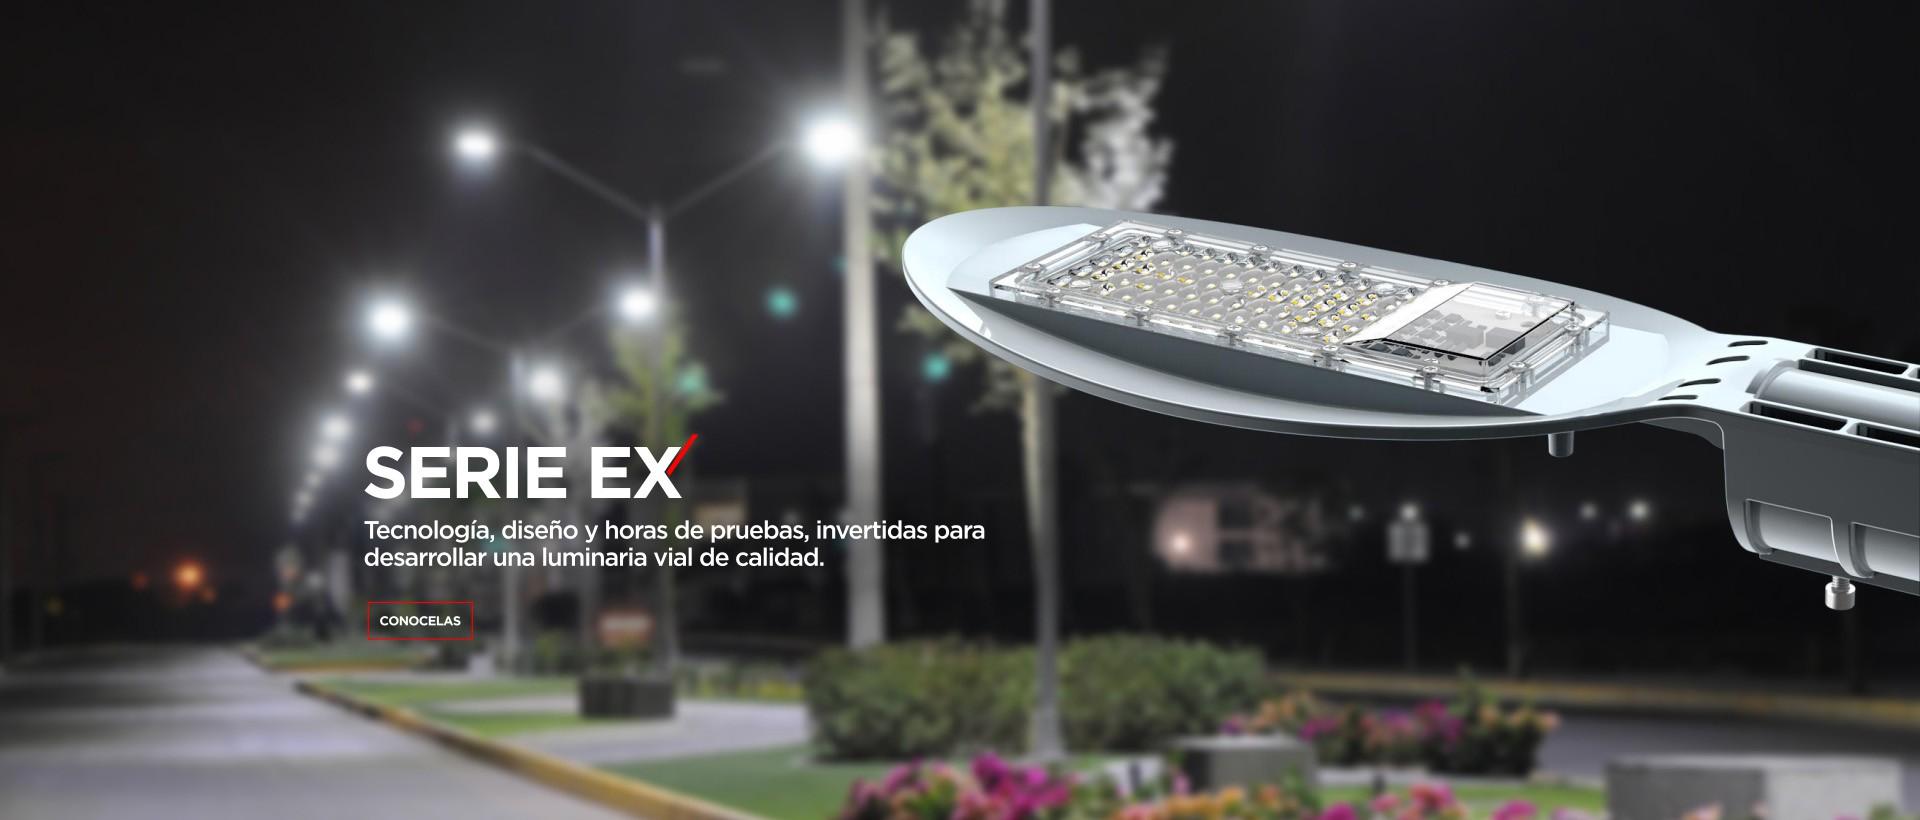 Serie EX